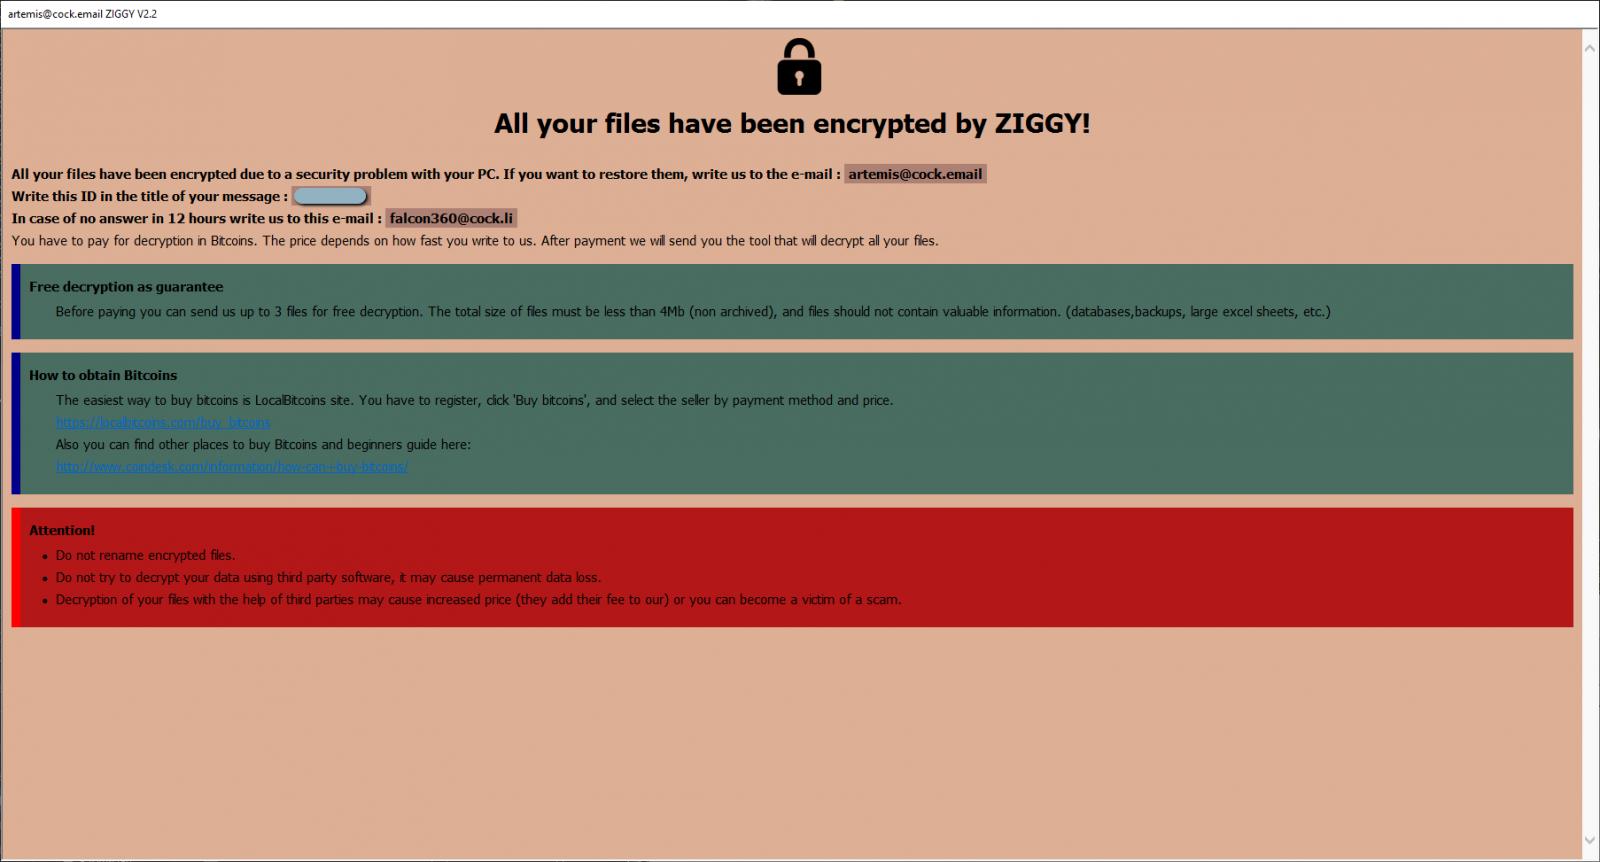 勒索软件Ziggy宣布金盆洗手:将为受害者退还赎金